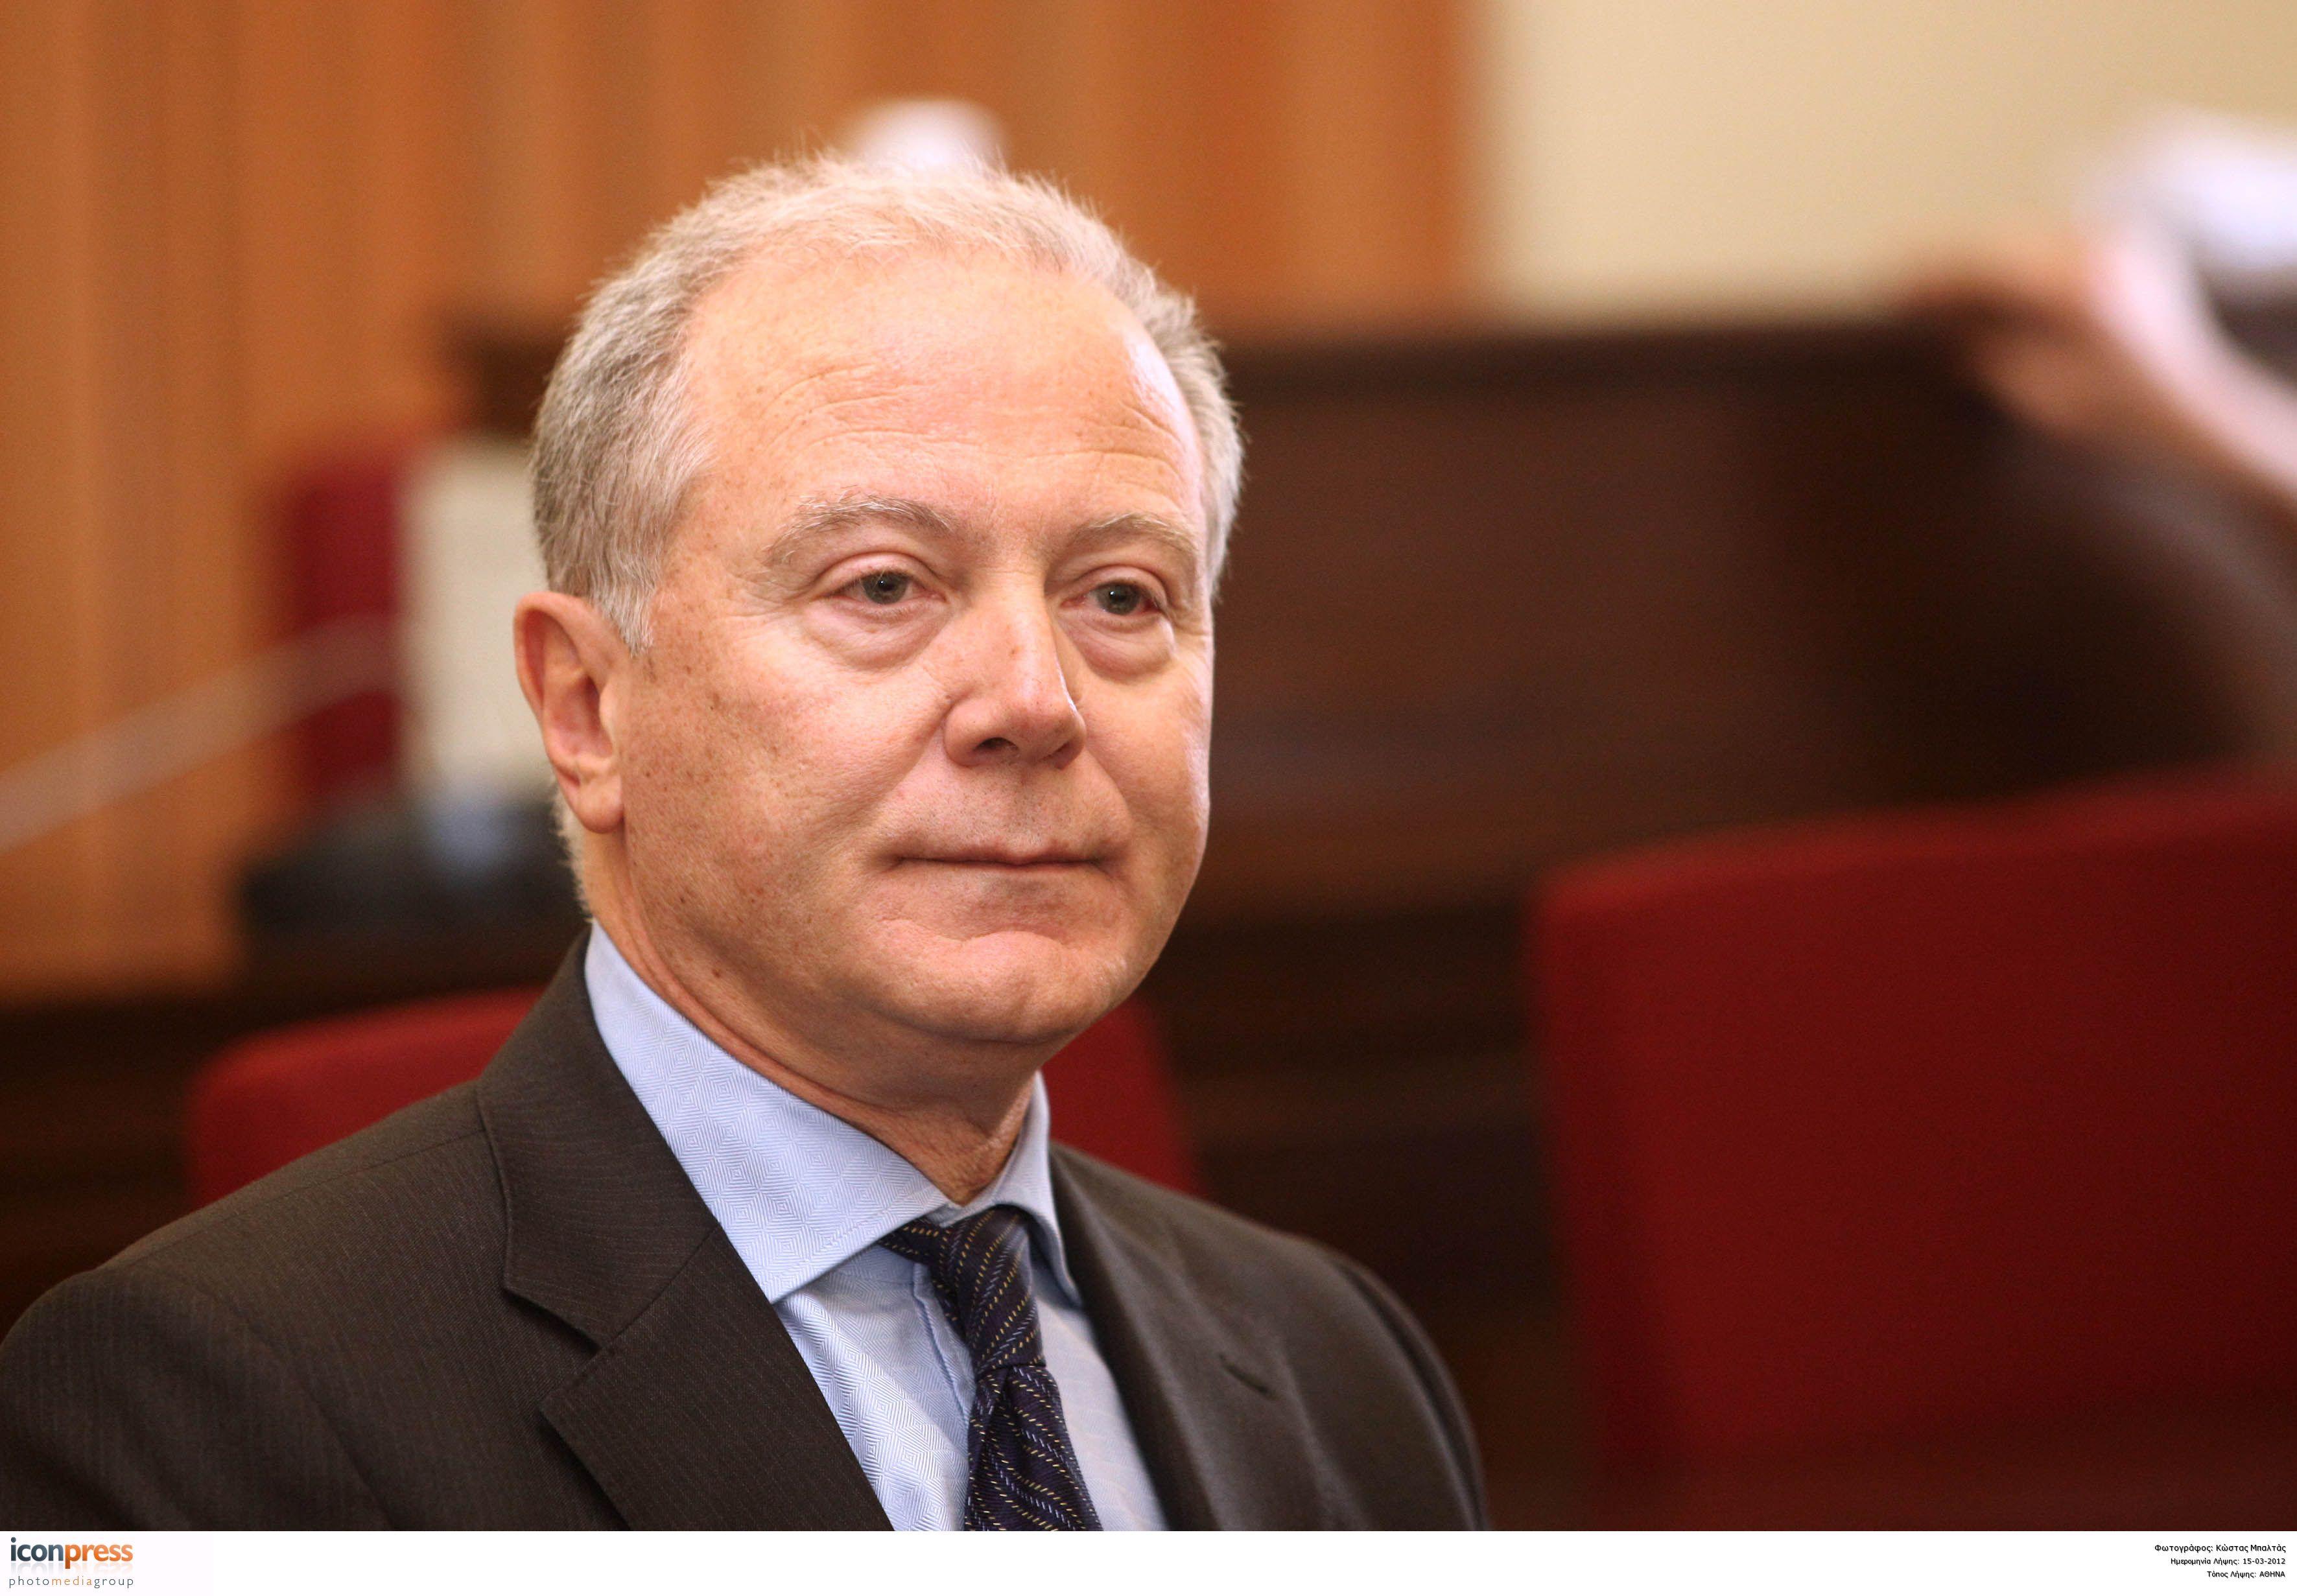 Κατά 30% μειώνει το μισθό του ο διοικητής της ΤτΕ | tovima.gr